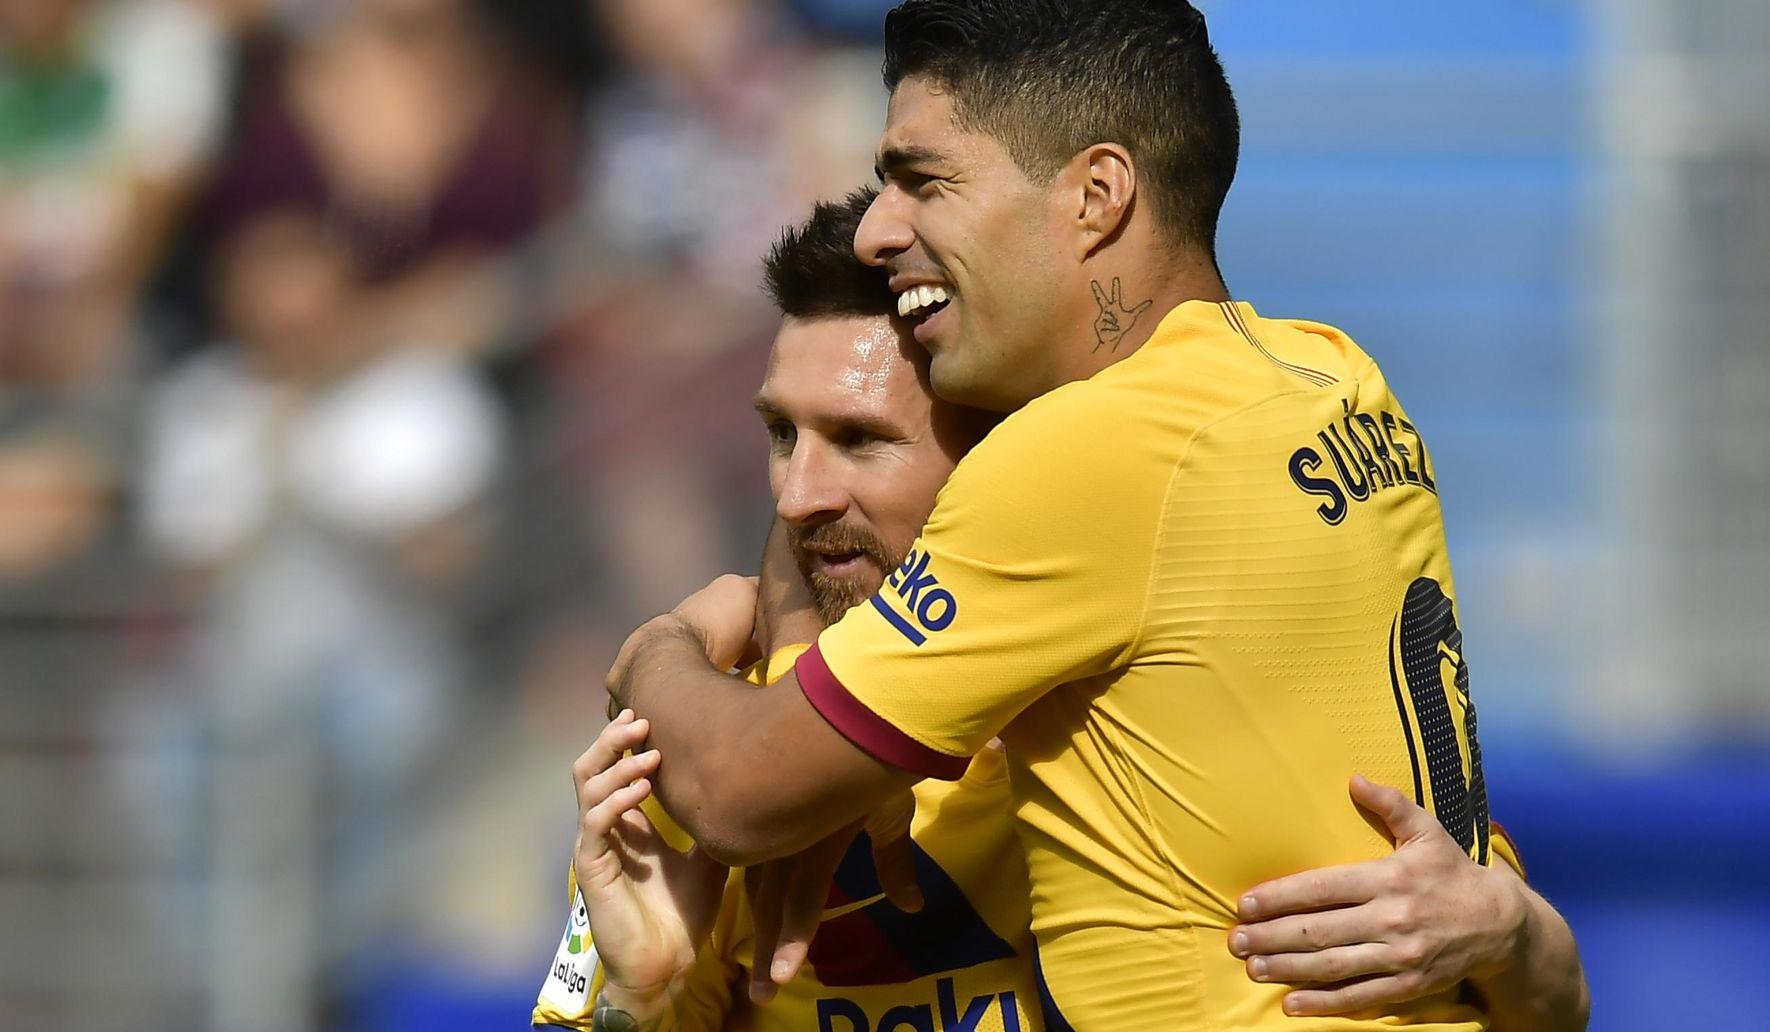 Spain_soccer_la_liga_79797_c0-109-2612-1631_s1770x1032